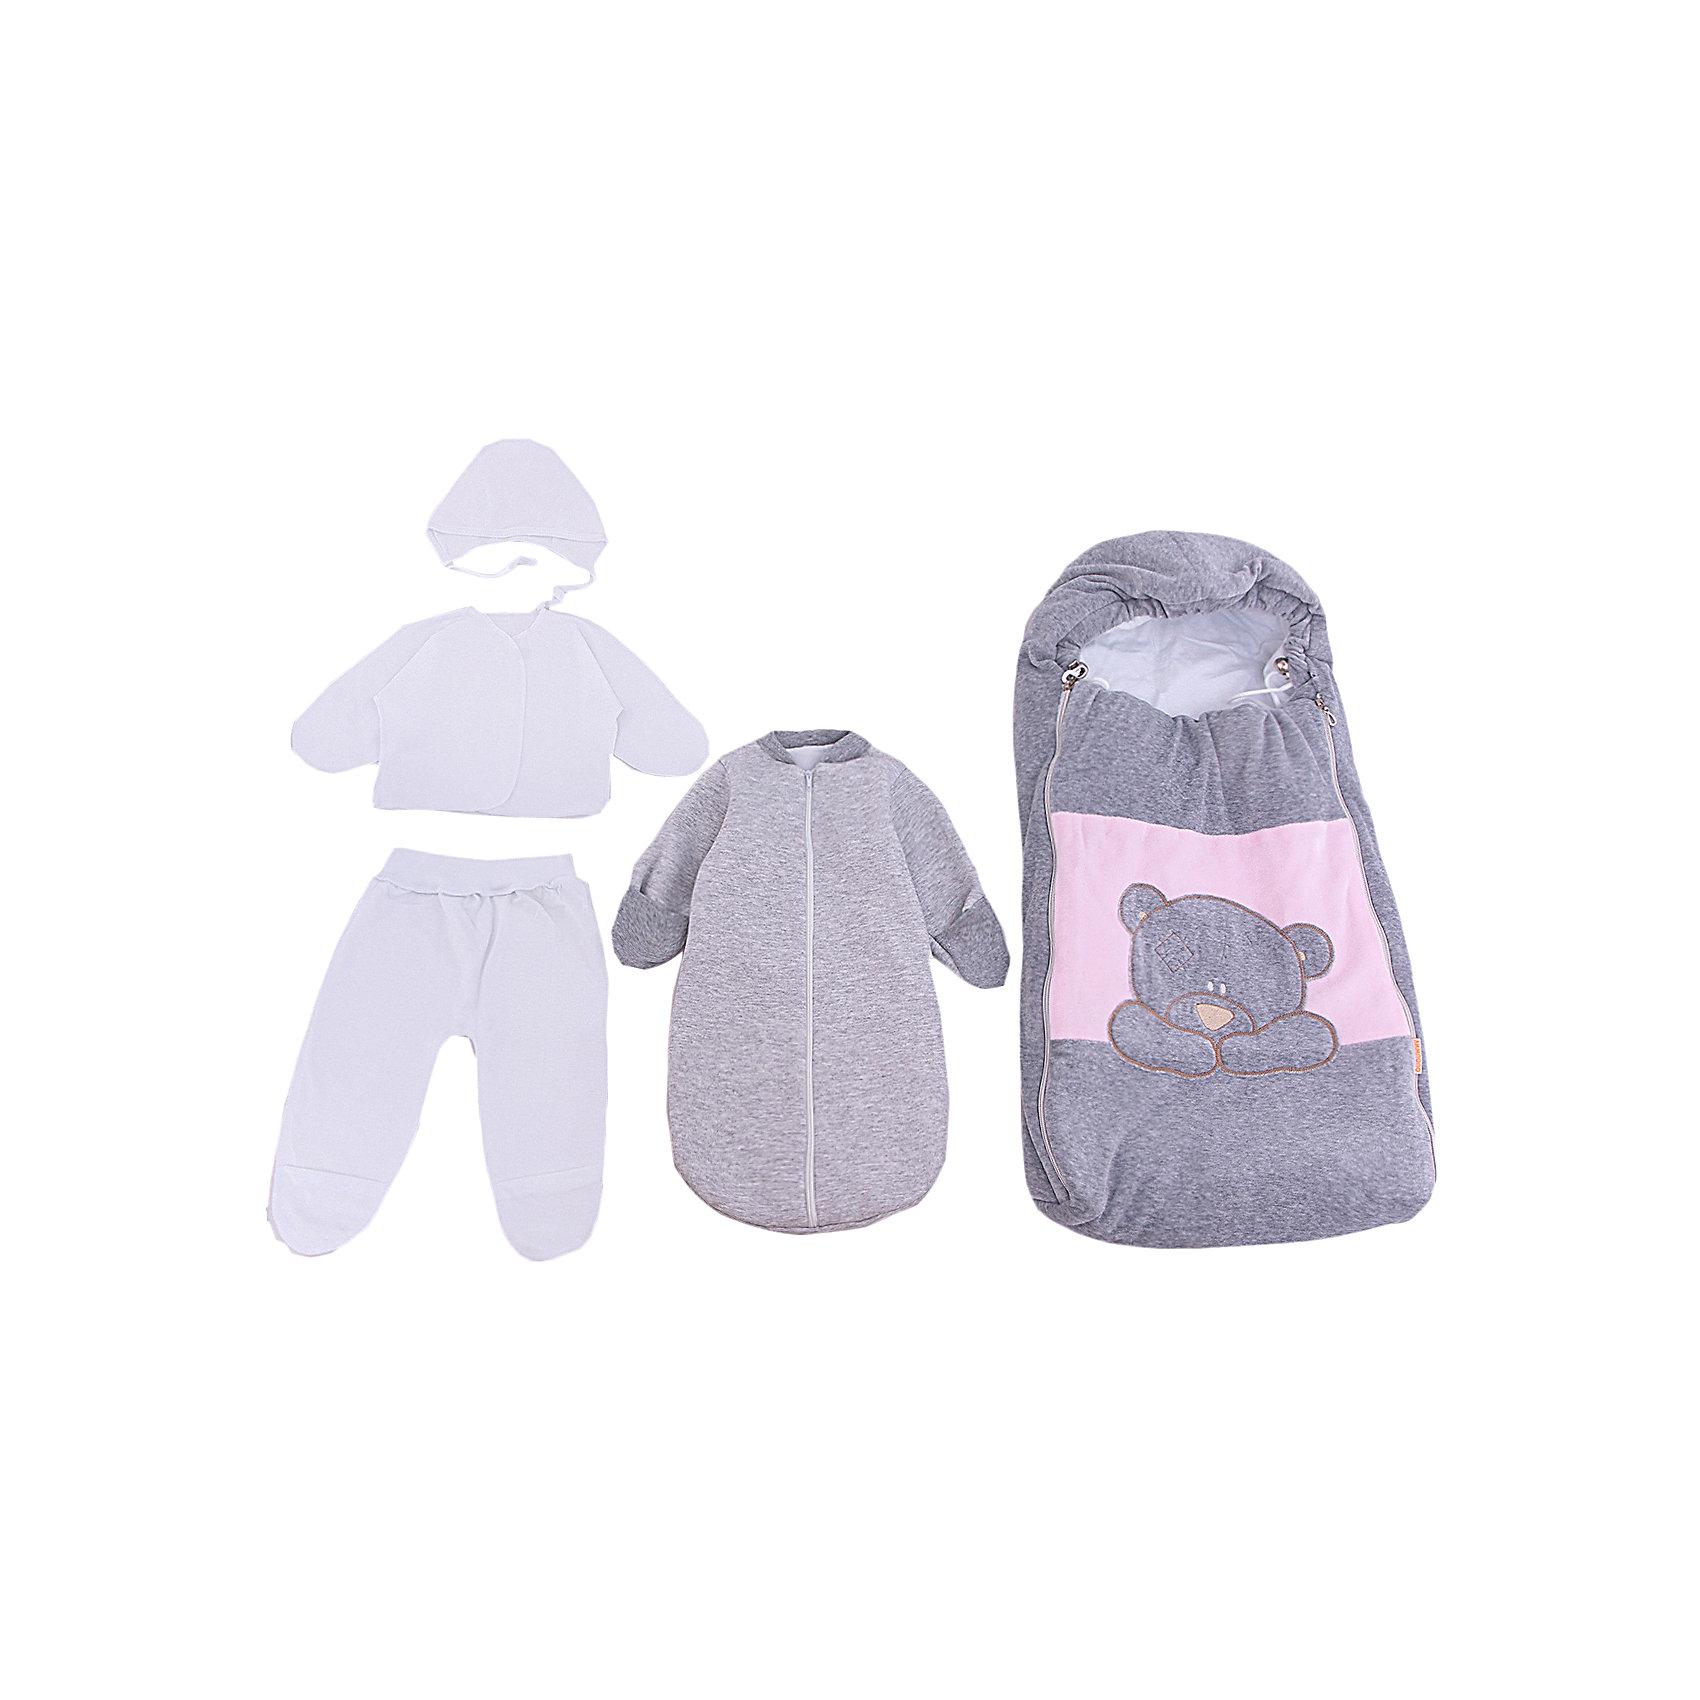 Комплект на выписку 6 пред., GulSara, 81 весна-осень велюр серый розовыйКонверты на выписку<br>Характеристики:<br><br>• Вид детского текстиля: комплект на выписку<br>• Предназначение: на выписку, для прогулки<br>• Сезон: весна, осень<br>• Утеплитель: средняя степень<br>• Температурный режим: от -10? С до +20? С<br>• Пол: для девочки<br>• Тематика рисунка: медвежонок<br>• Материал: велюр, футер, кулирка<br>• Цвет: серый, розовый, белый<br>• Комплектация:<br> конверт велюровый – 1 шт. р-р 75*40 см<br> шапочка велюр на синтепоне – 1 шт. р-р 56-36<br> спальный мешок – 1 шт. р-р 56-36 см<br> ползунки – 1 шт. р-р 56-36<br> распашонка – 1 шт. р-р 56-36<br> чепчик – 1 шт. р-р 56-36<br>• Декоративные элементы: аппликация Медвежонок<br>• Особенности ухода: машинная стирка при температуре 30 градусов без использования отбеливающих и красящих веществ<br><br>Комплект на выписку 6 пред., GulSara, 81 весна-осень велюр серый голубой от отечественного швейного производства, который выпускает современный текстиль и товары для новорожденных, изготовленных на основе вековых традиций. В своем производстве GulSara использует только экологичные и натуральные материалы, что обеспечивает их безопасность даже для малышей с чувствительной кожей. Набор предназначен для выписки в осенне-весенний период и состоит из конверта и шапочки, выполненных из мягкого и нежного велюра. <br><br>В качестве утеплителя использован синтепон – легкий, но при этом гипоаллергенный материал. Для промежуточного слоя одежды в наборе предусмотрен спальный мешок, для изготовления которого использована натуральная хлопковая ткань. Спальный мешок имеет капюшон и застежку-молнию по центру передней полочки. Комплект нижней одежды состоит из ползунков, распашонки и чепчика, изготовленных из кулирки. Конверт оформлен аппликацией в виде медвежонка. Комплект на выписку 6 пред., GulSara, 81 весна-осень велюр серый голубой создаст изысканный и неповторимый образ вашего малыша!<br><br>Комплект на выписку 6 пред., GulSara, 81 вес